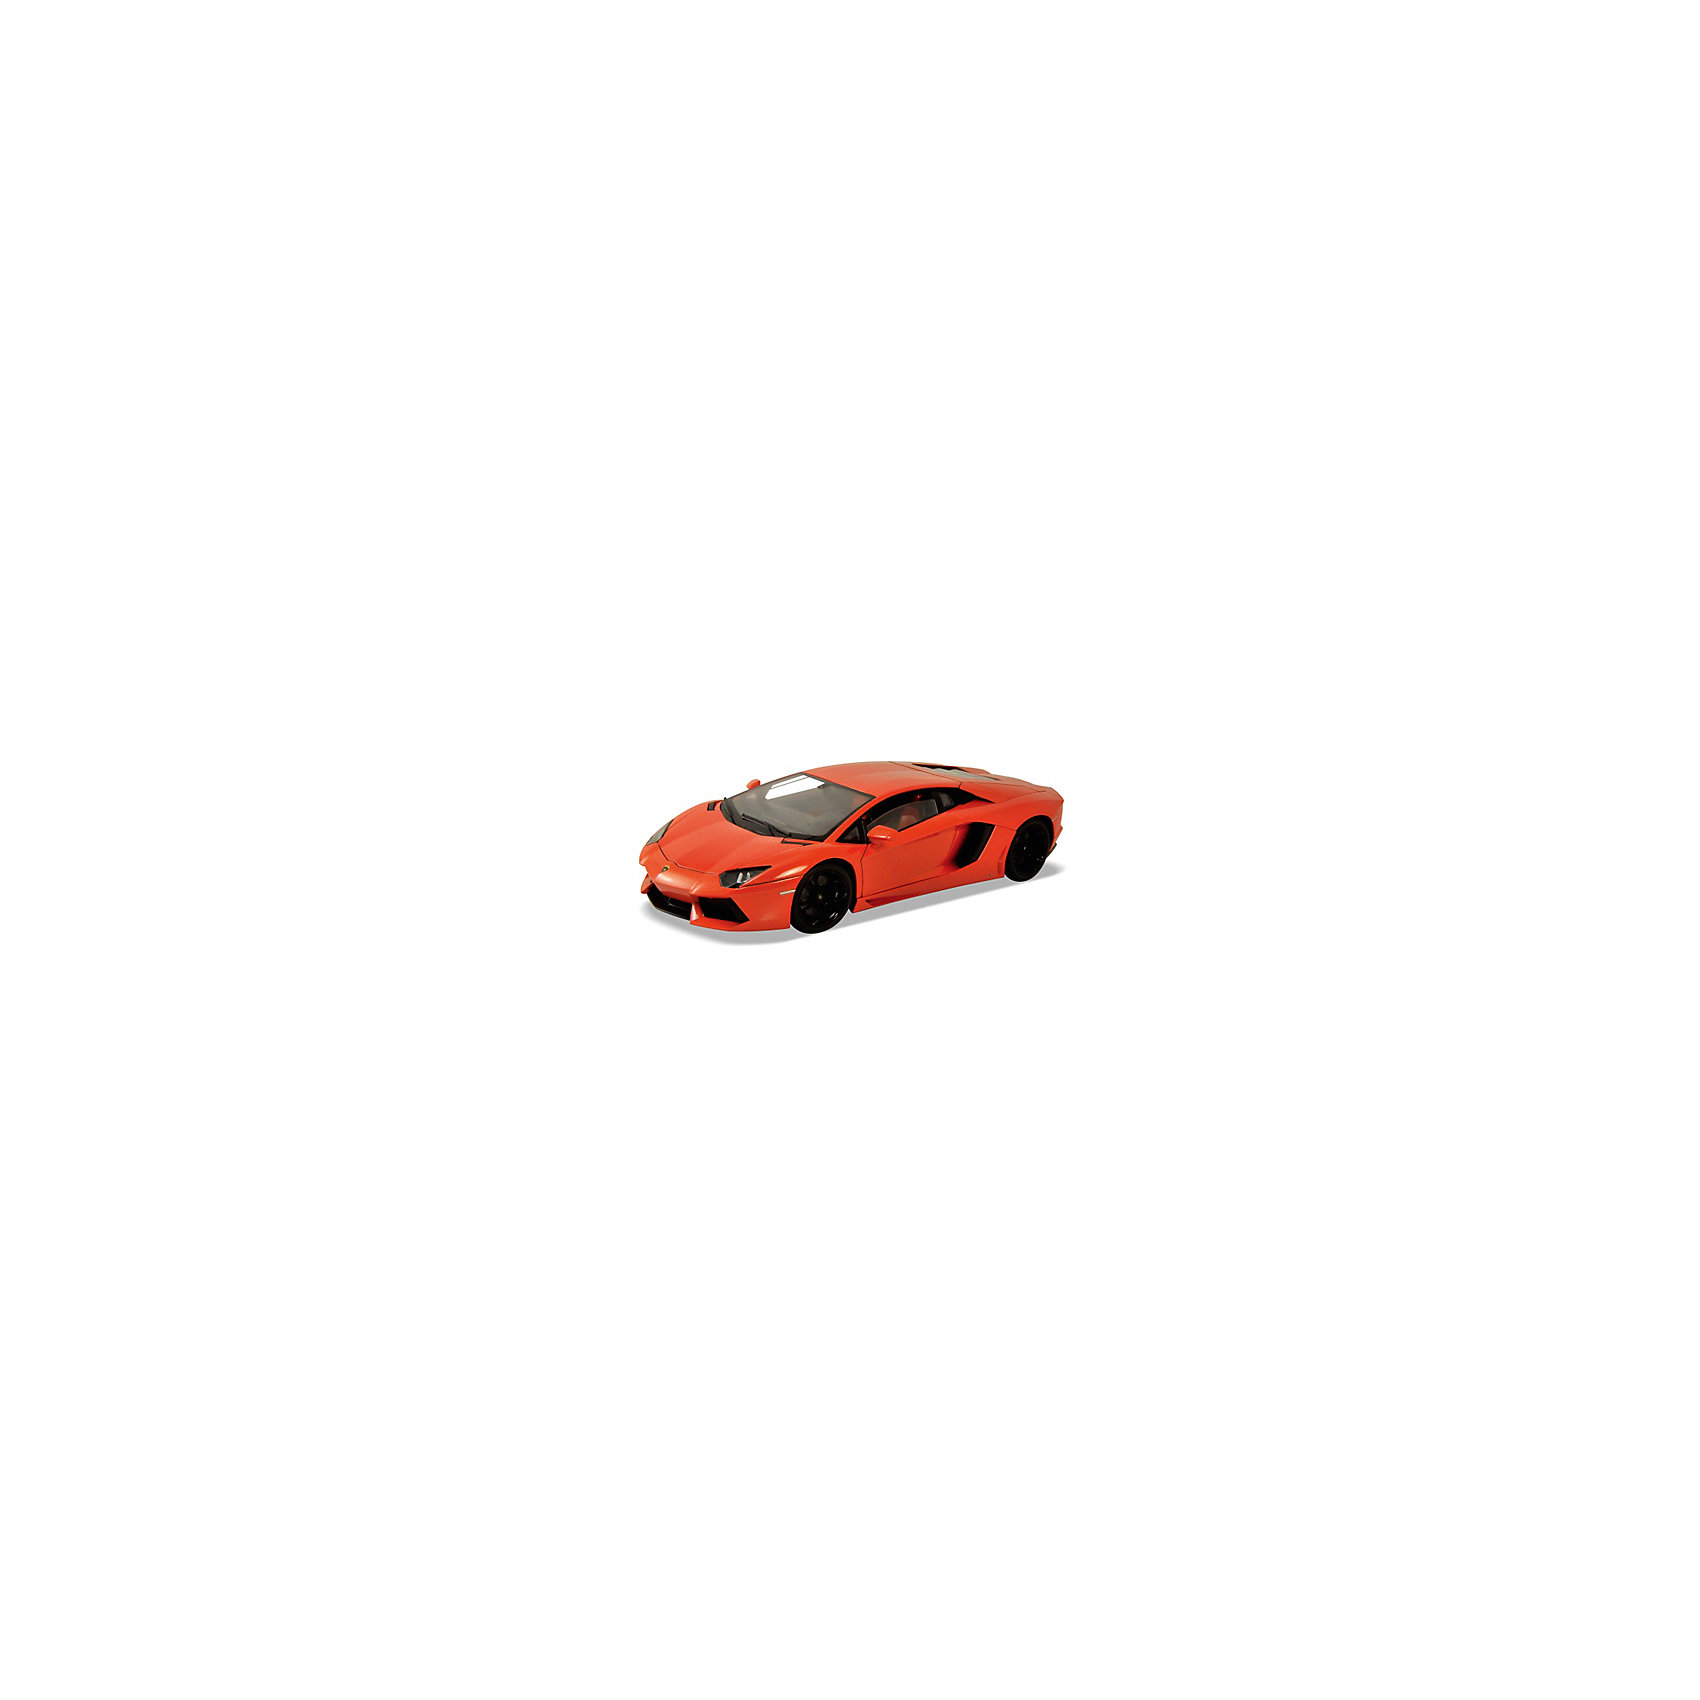 Модель машины 1:87 Lamborghini Aventador LP700-4, WellyКоллекционные модели<br>Коллекционная модель машины масштаба 1:87 Lamborghini Aventador LP700-4 от Welly. Цвет кузова представлен в ассортименте, выбранный вариант в поставке не гарантирован.<br><br>Ширина мм: 45<br>Глубина мм: 40<br>Высота мм: 75<br>Вес г: 52<br>Возраст от месяцев: 36<br>Возраст до месяцев: 192<br>Пол: Мужской<br>Возраст: Детский<br>SKU: 4966556